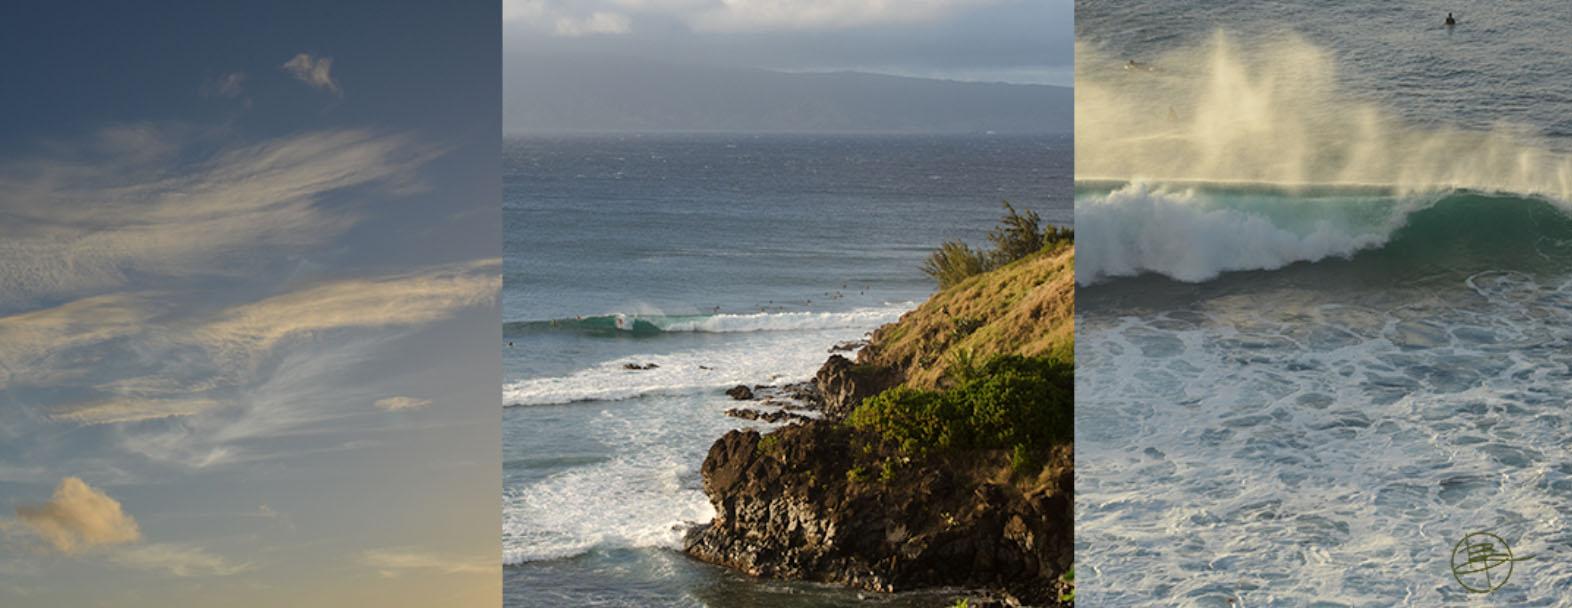 Honolulu tryptic of base images